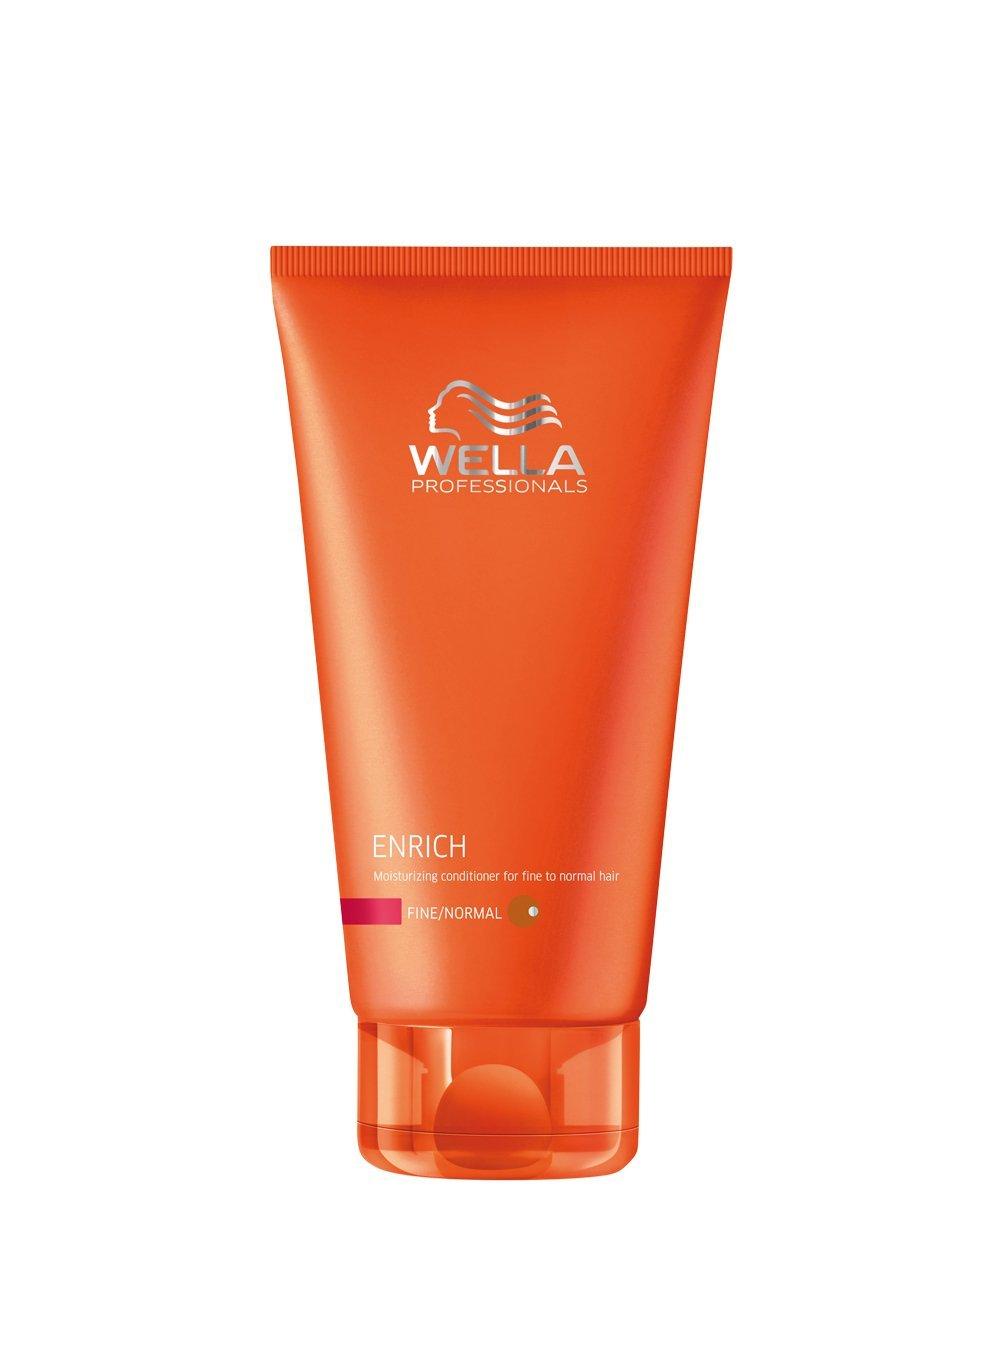 Wella Professionals Enrich unisex, Feuchtigkeitsspendender Conditioner für feines bis normales Haar 200 ml, 1er Pack (1 x 1 Stück) 1er Pack (1 x 1 Stück) 8825